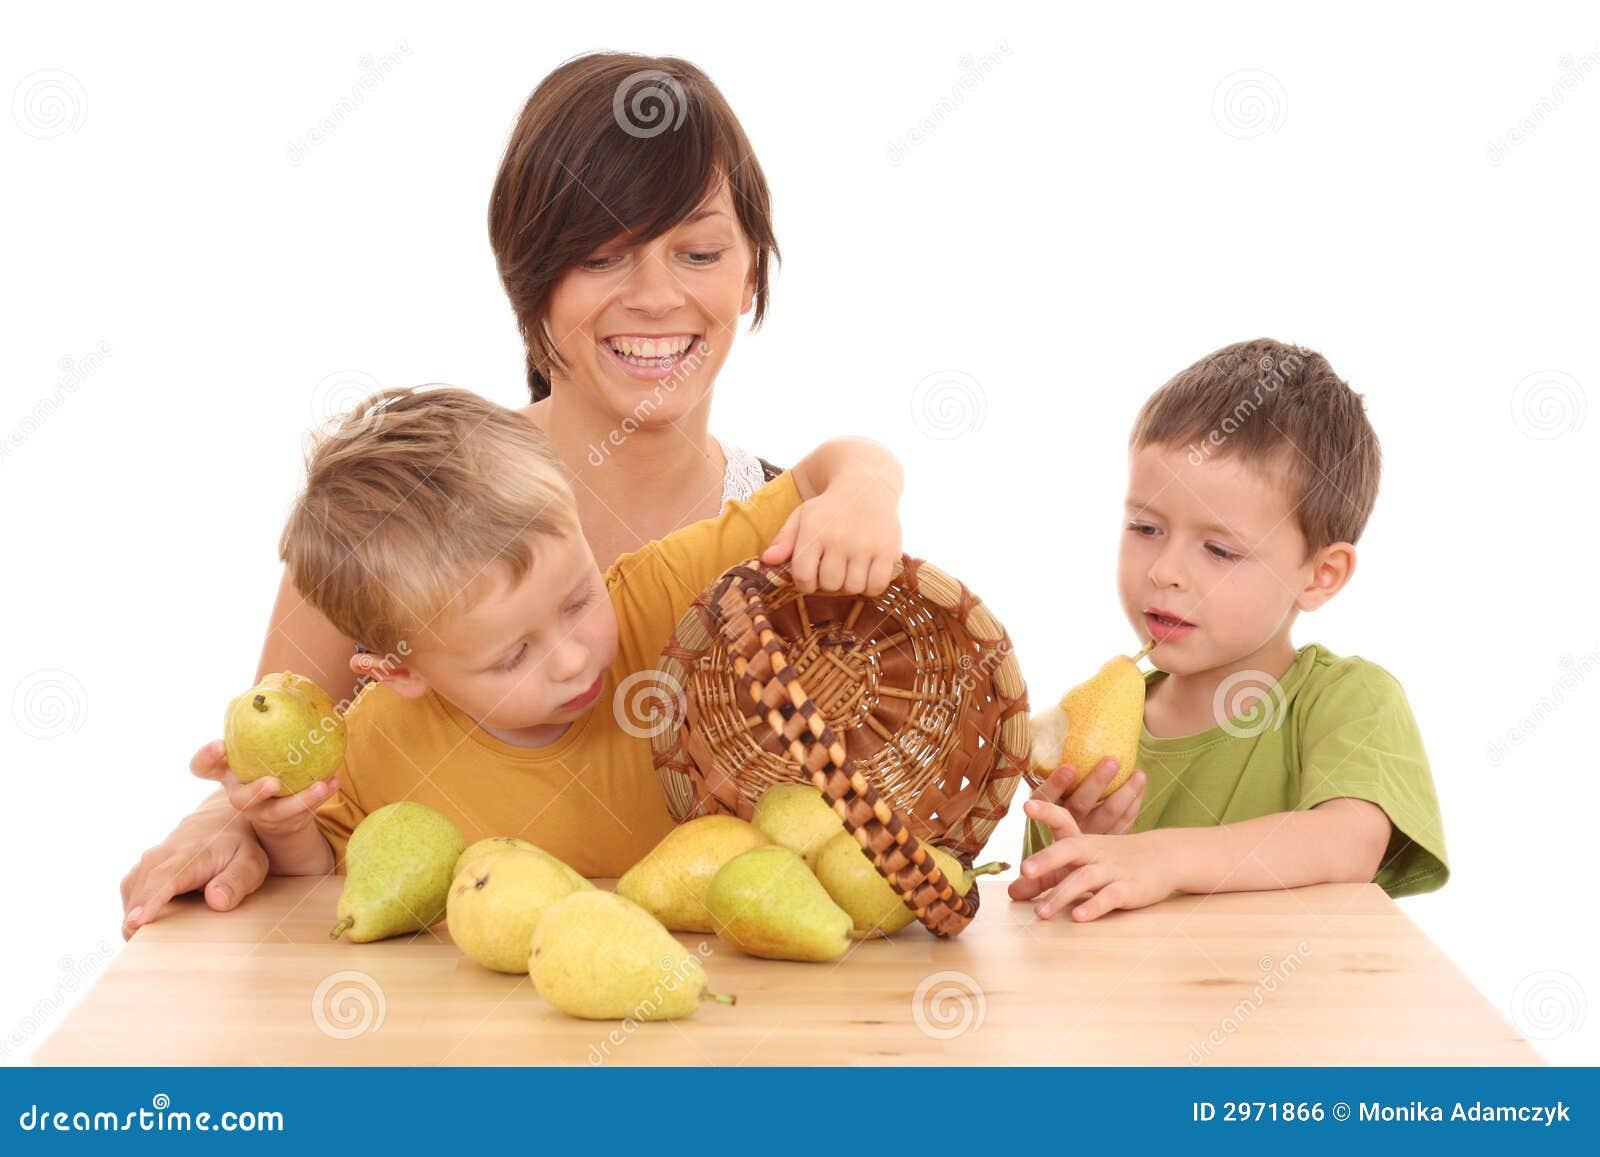 Divertimento com peras